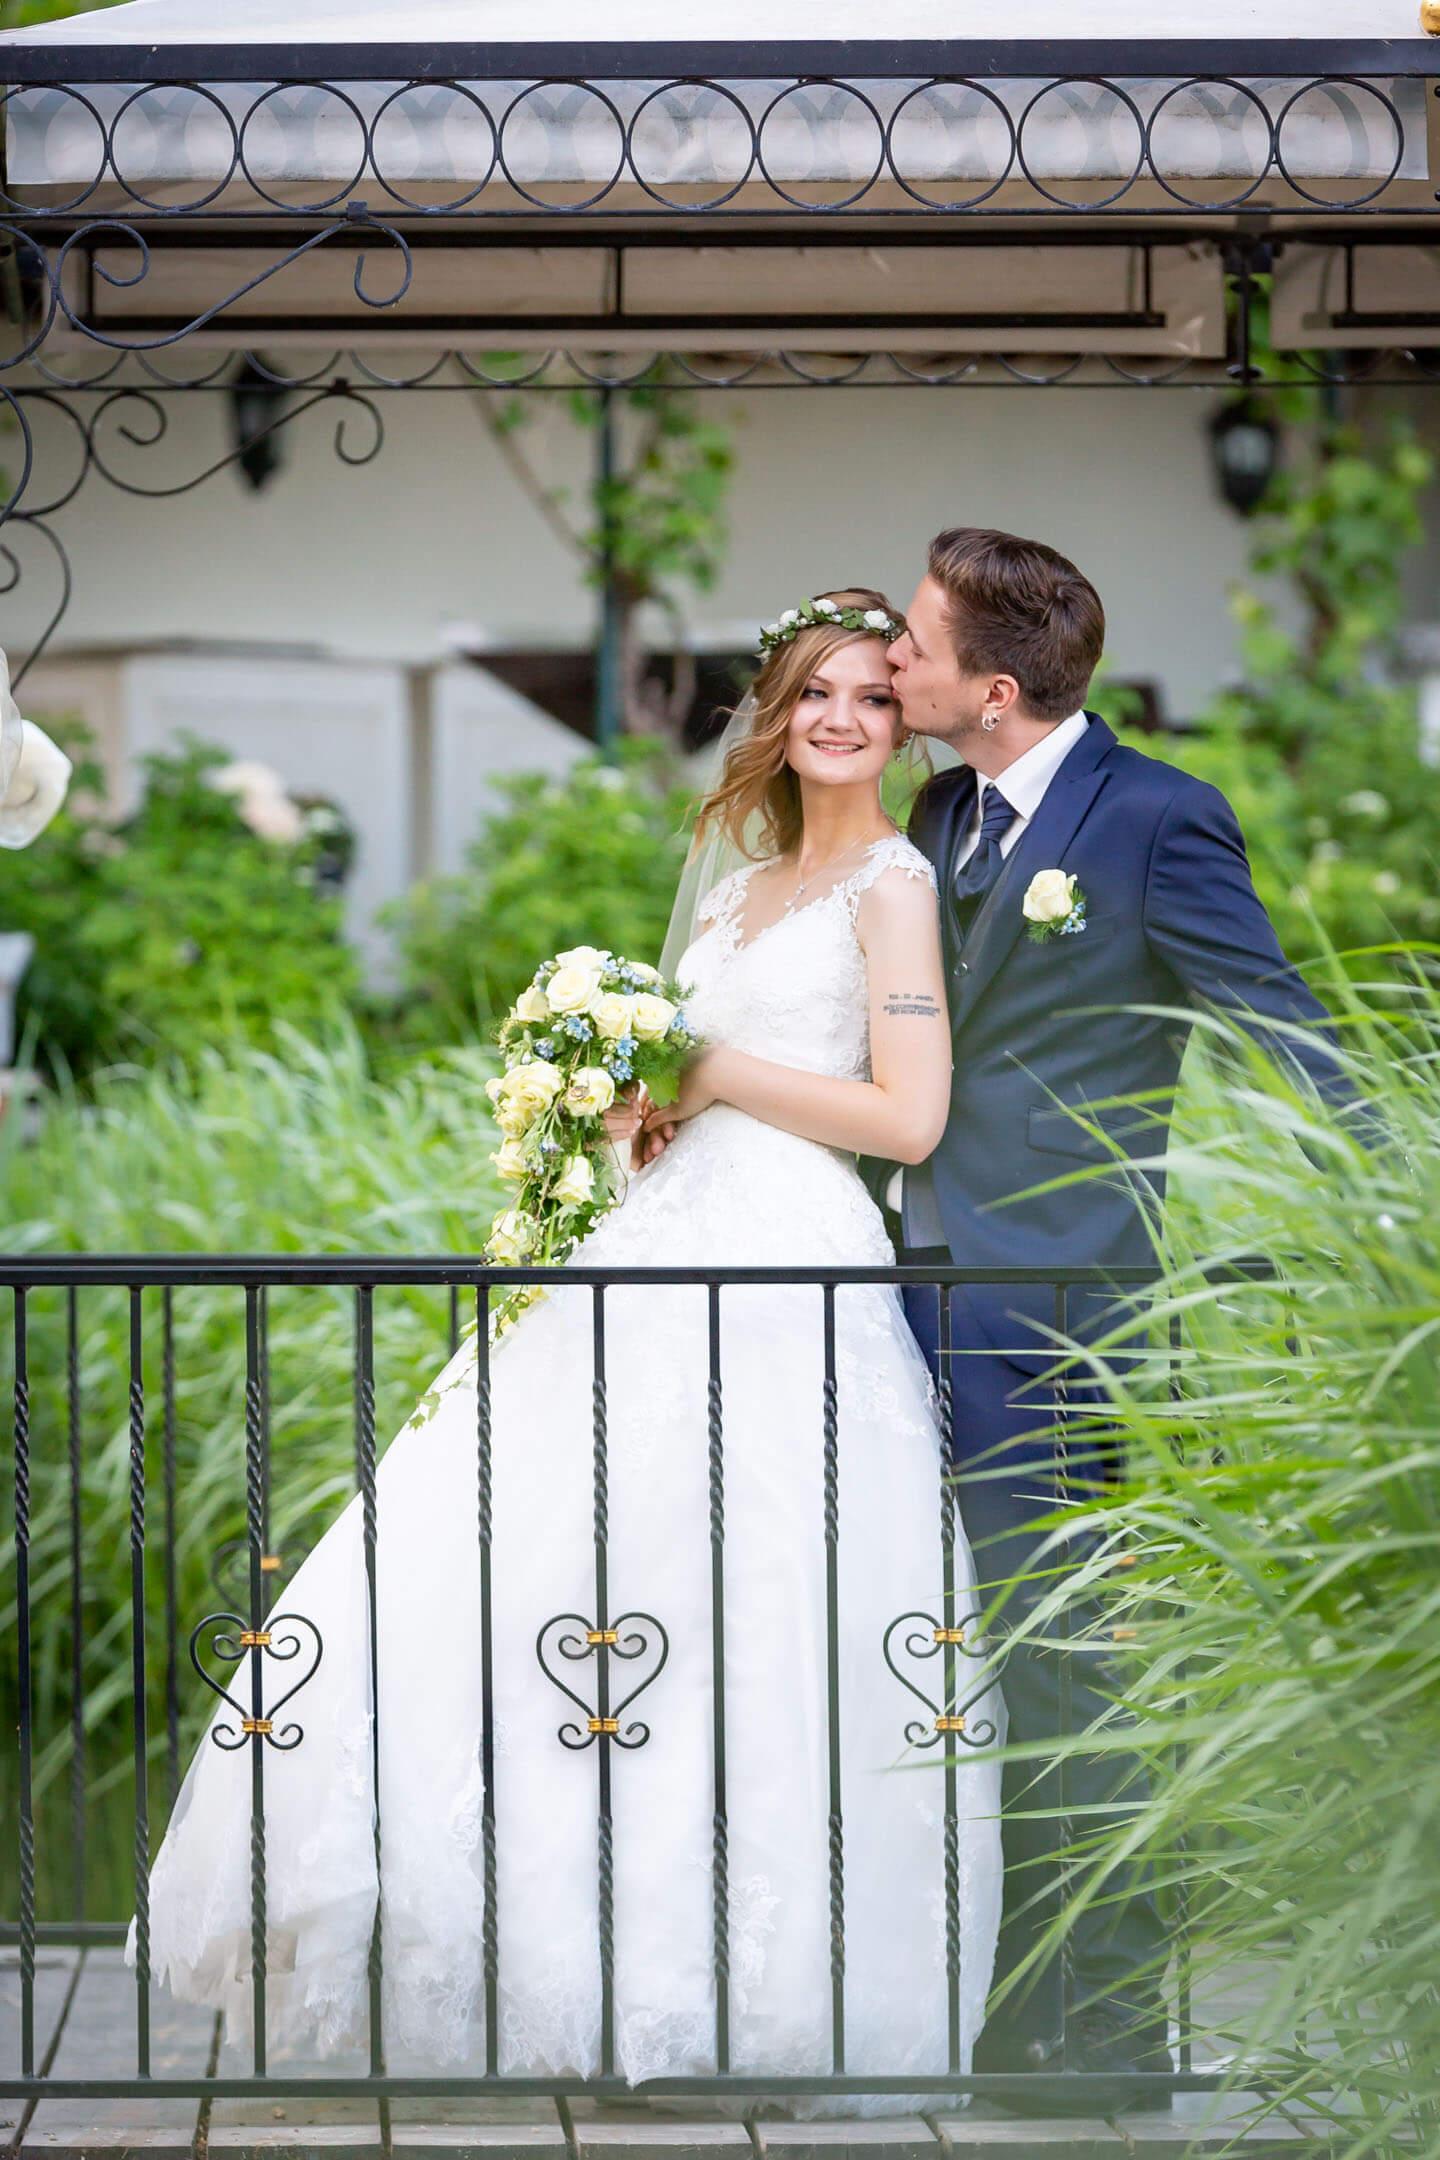 Der kleine Pavillon der Alten Ziegelei bietet sich hervorragend für Hochzeitsfotos an